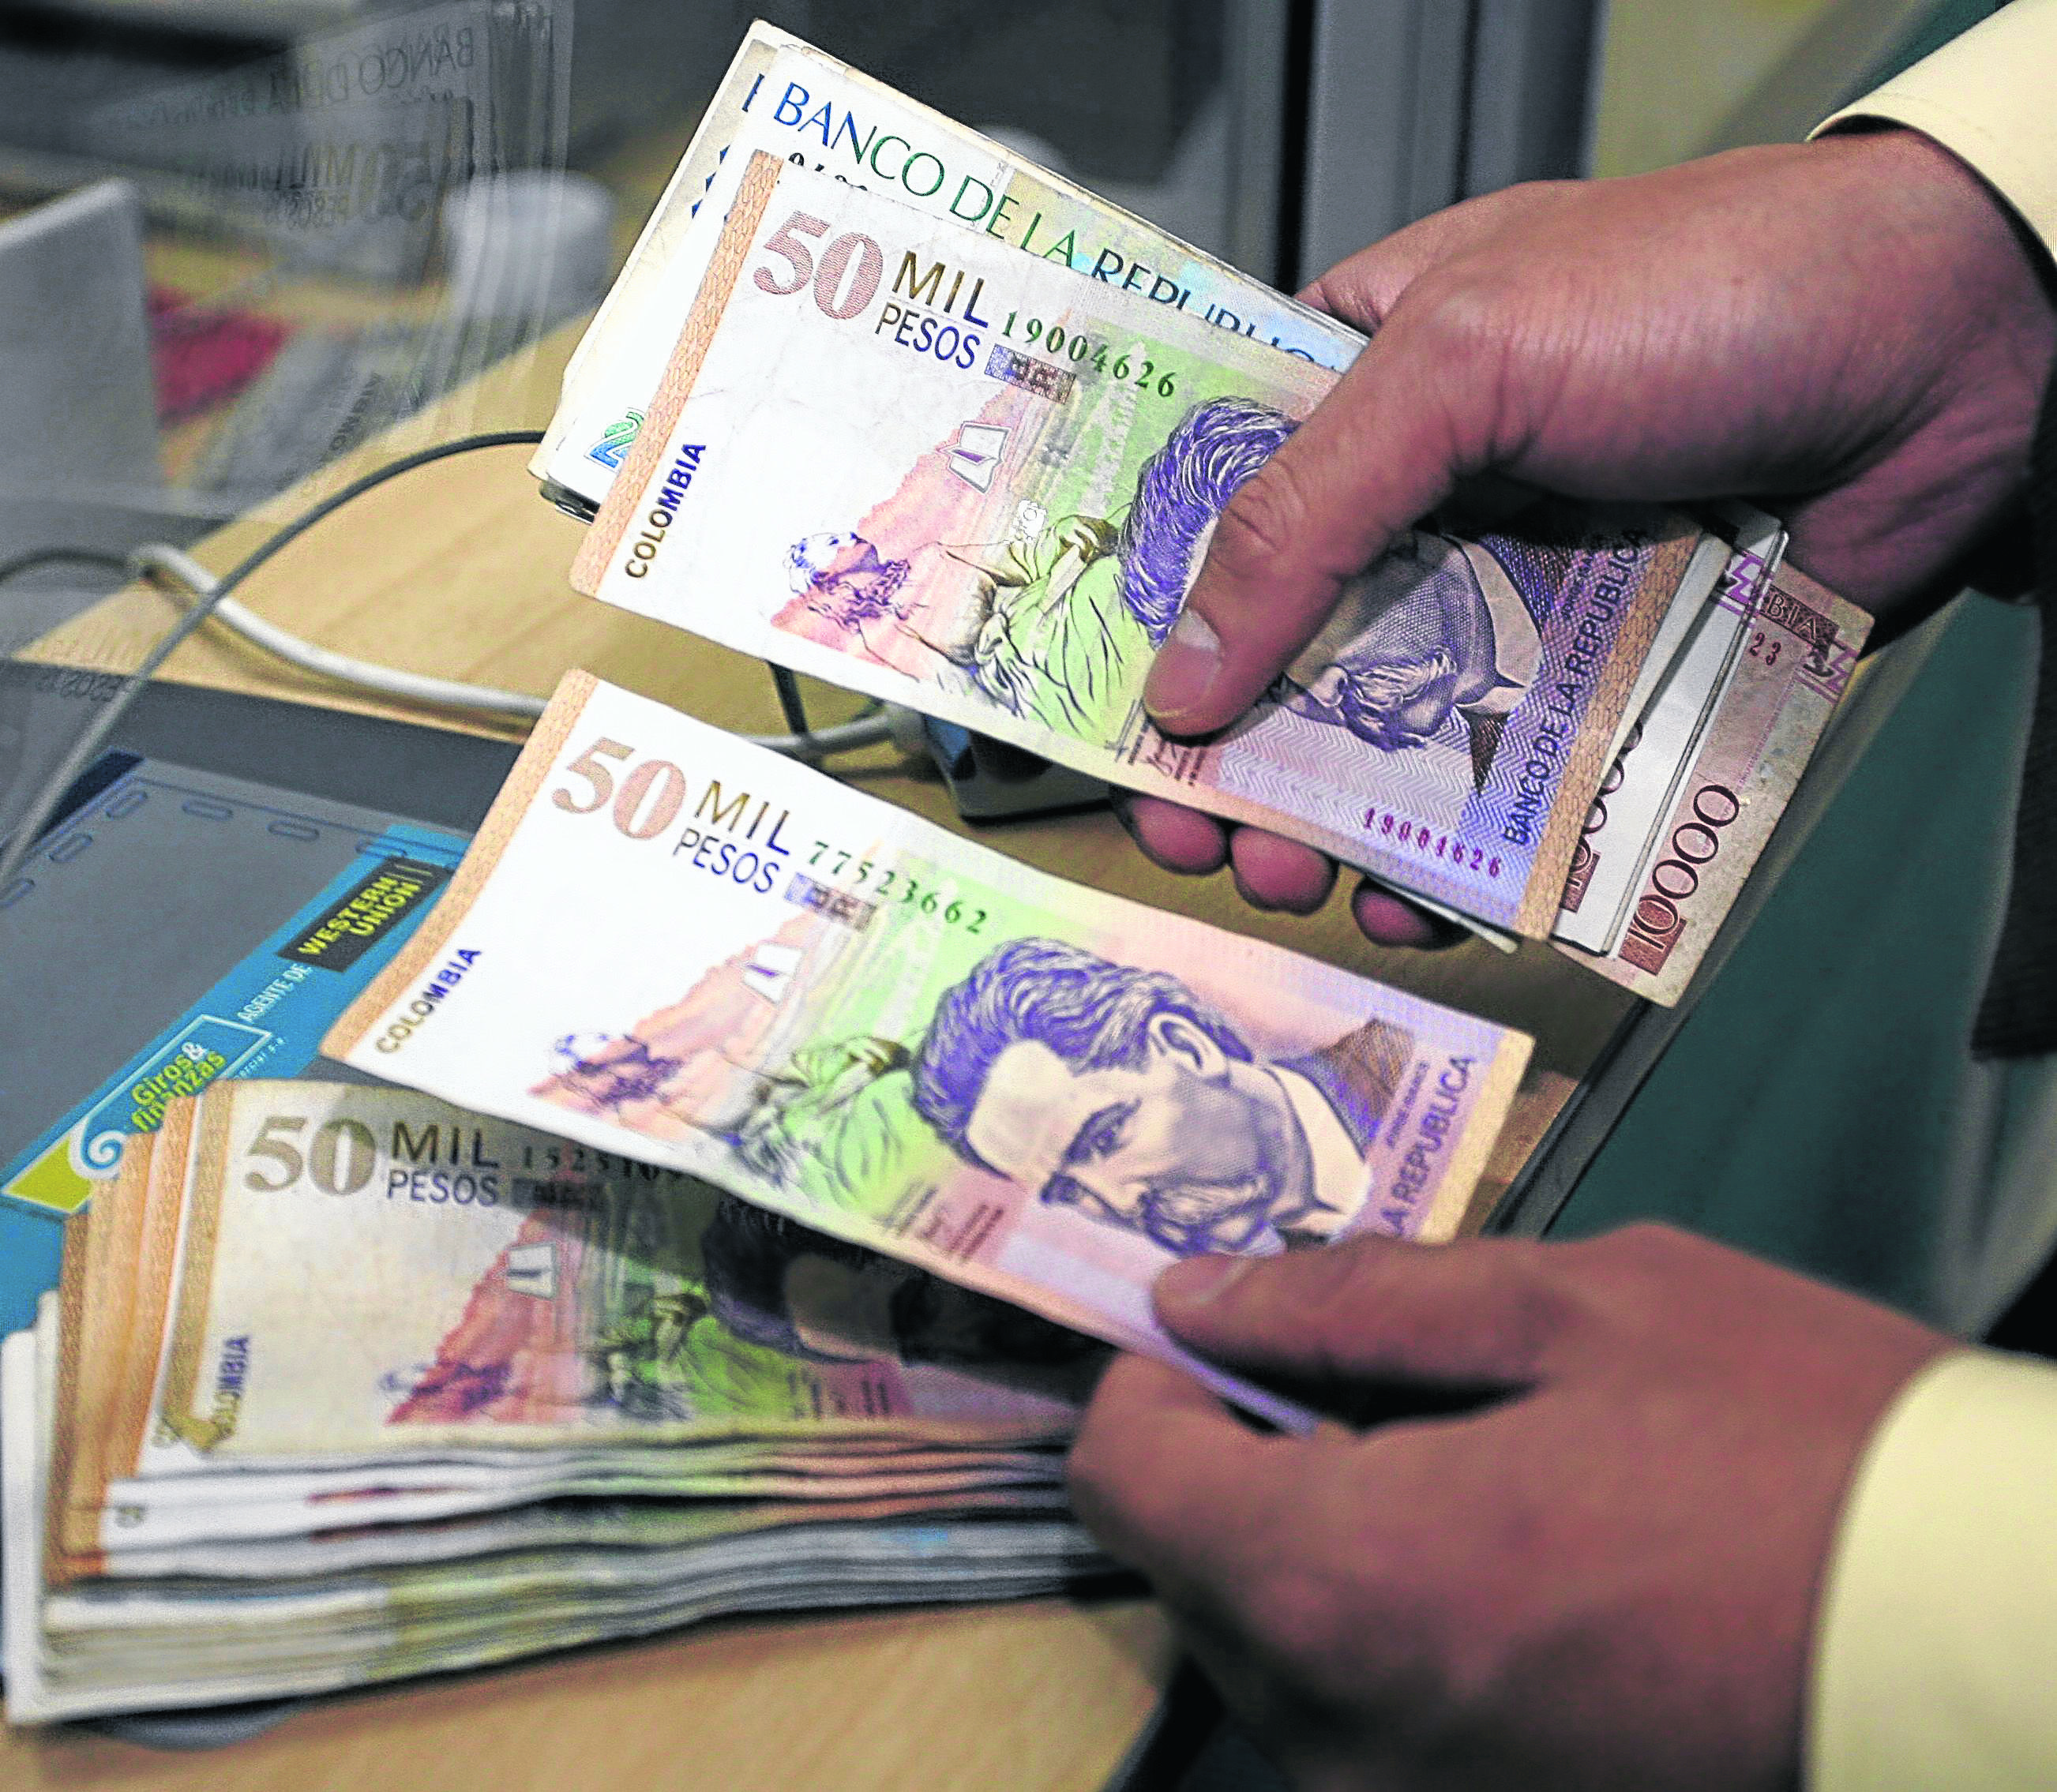 IVA del 19 % enciende alertas entre los trabajadores independientes